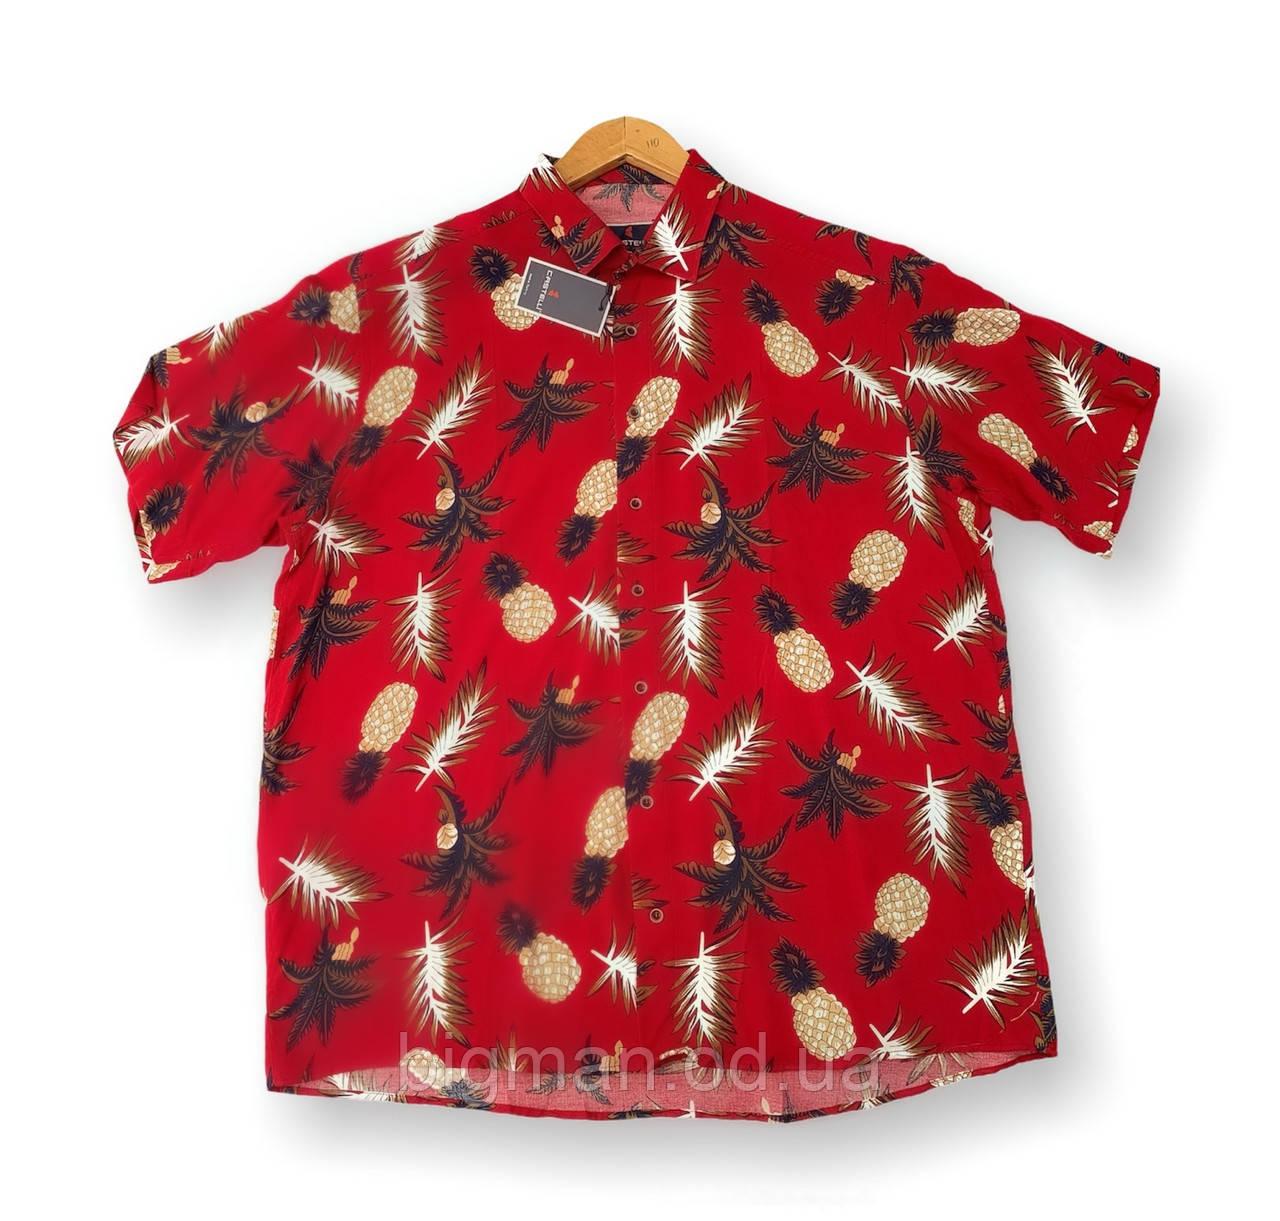 Мужская рубашка-гавайка с коротким рукавом батал красная большие размеры (2XL 3XL 4XL 5XL 6XL)Турция Castelli